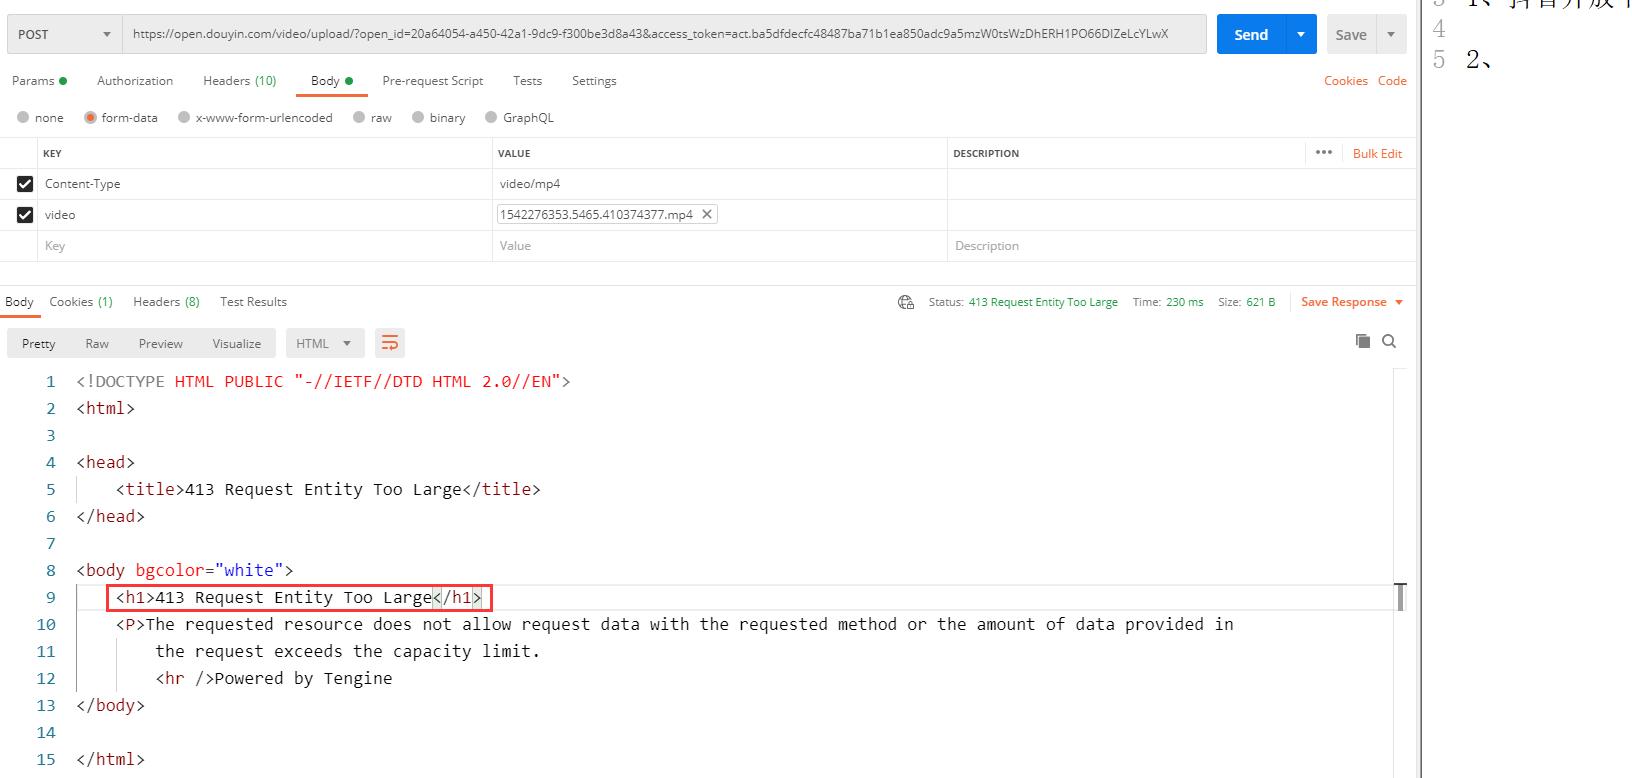 抖音开放平台,上传视频到文件服务器,文件大小:2.10 GB。响应:413 Request Entity Too Large。